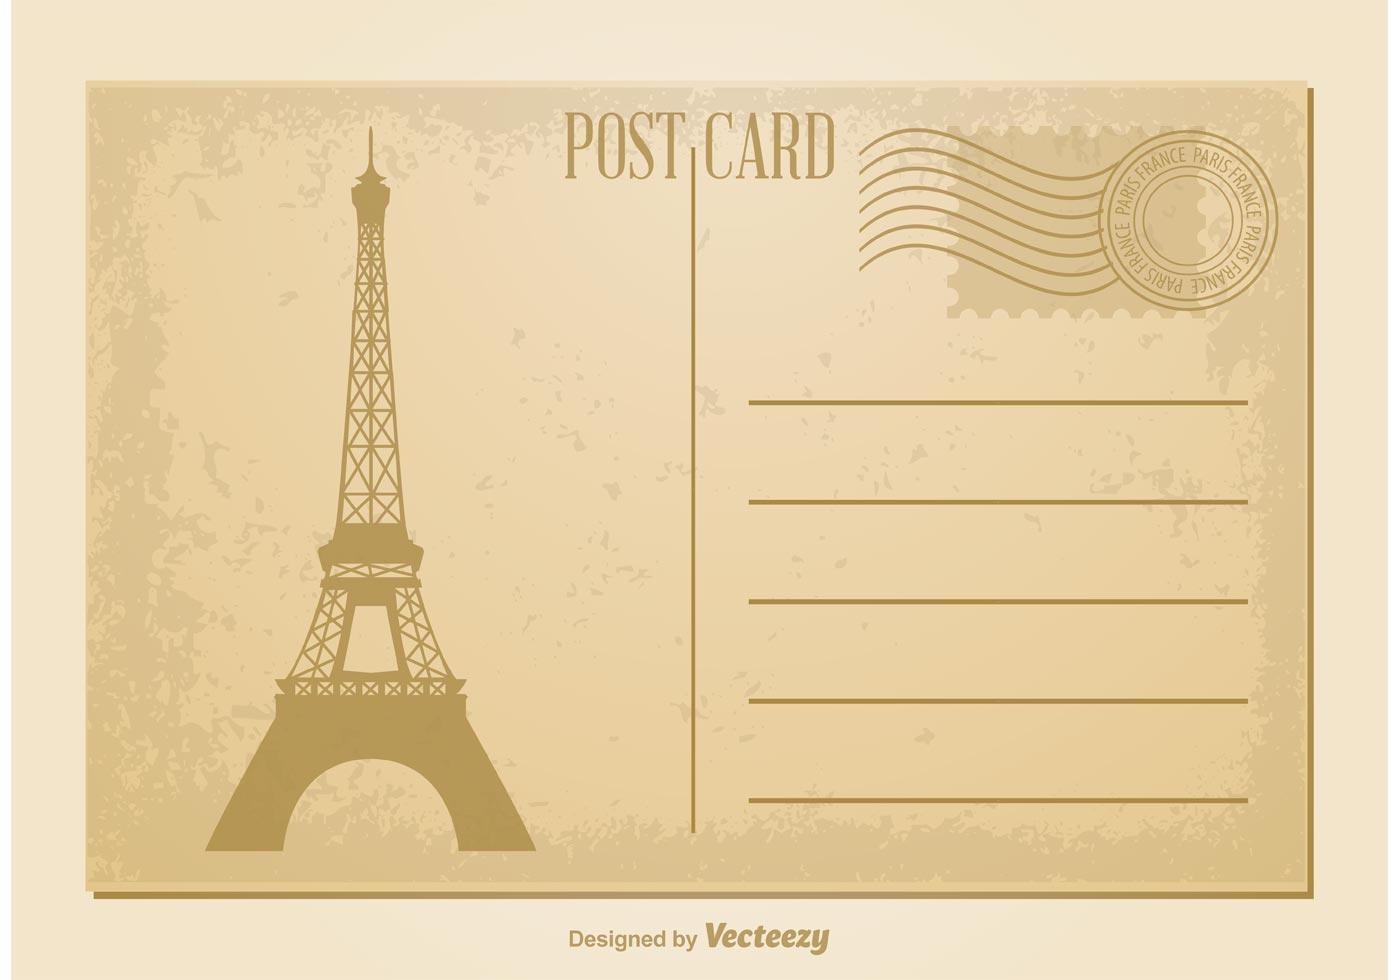 vintage postcard vector download free vector art stock graphics images. Black Bedroom Furniture Sets. Home Design Ideas